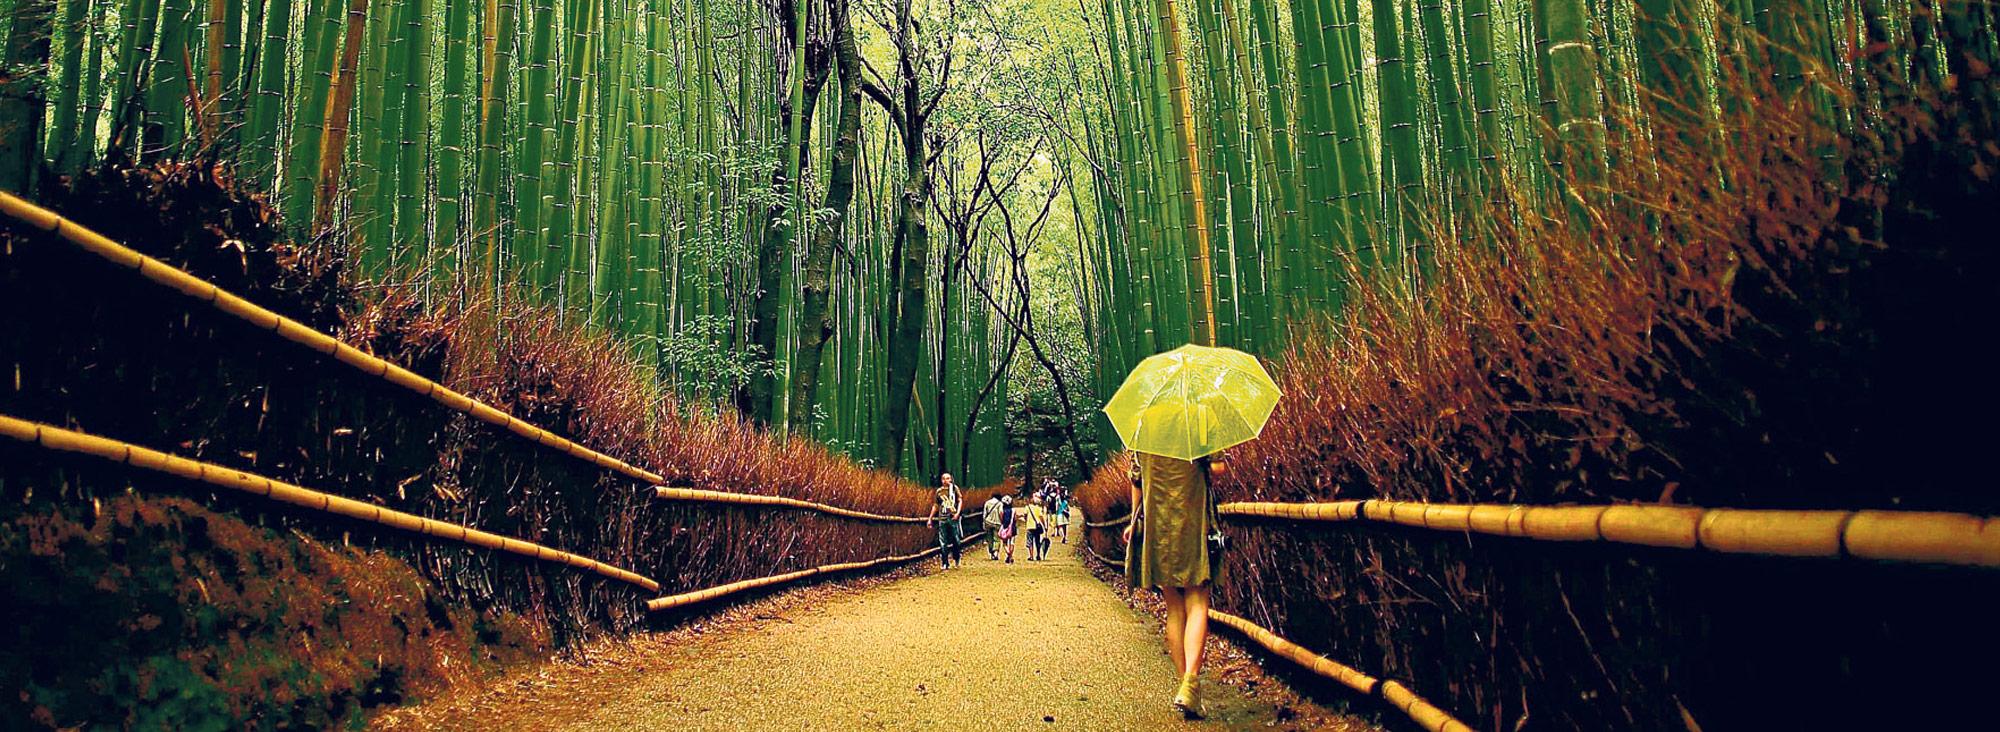 Bambú África